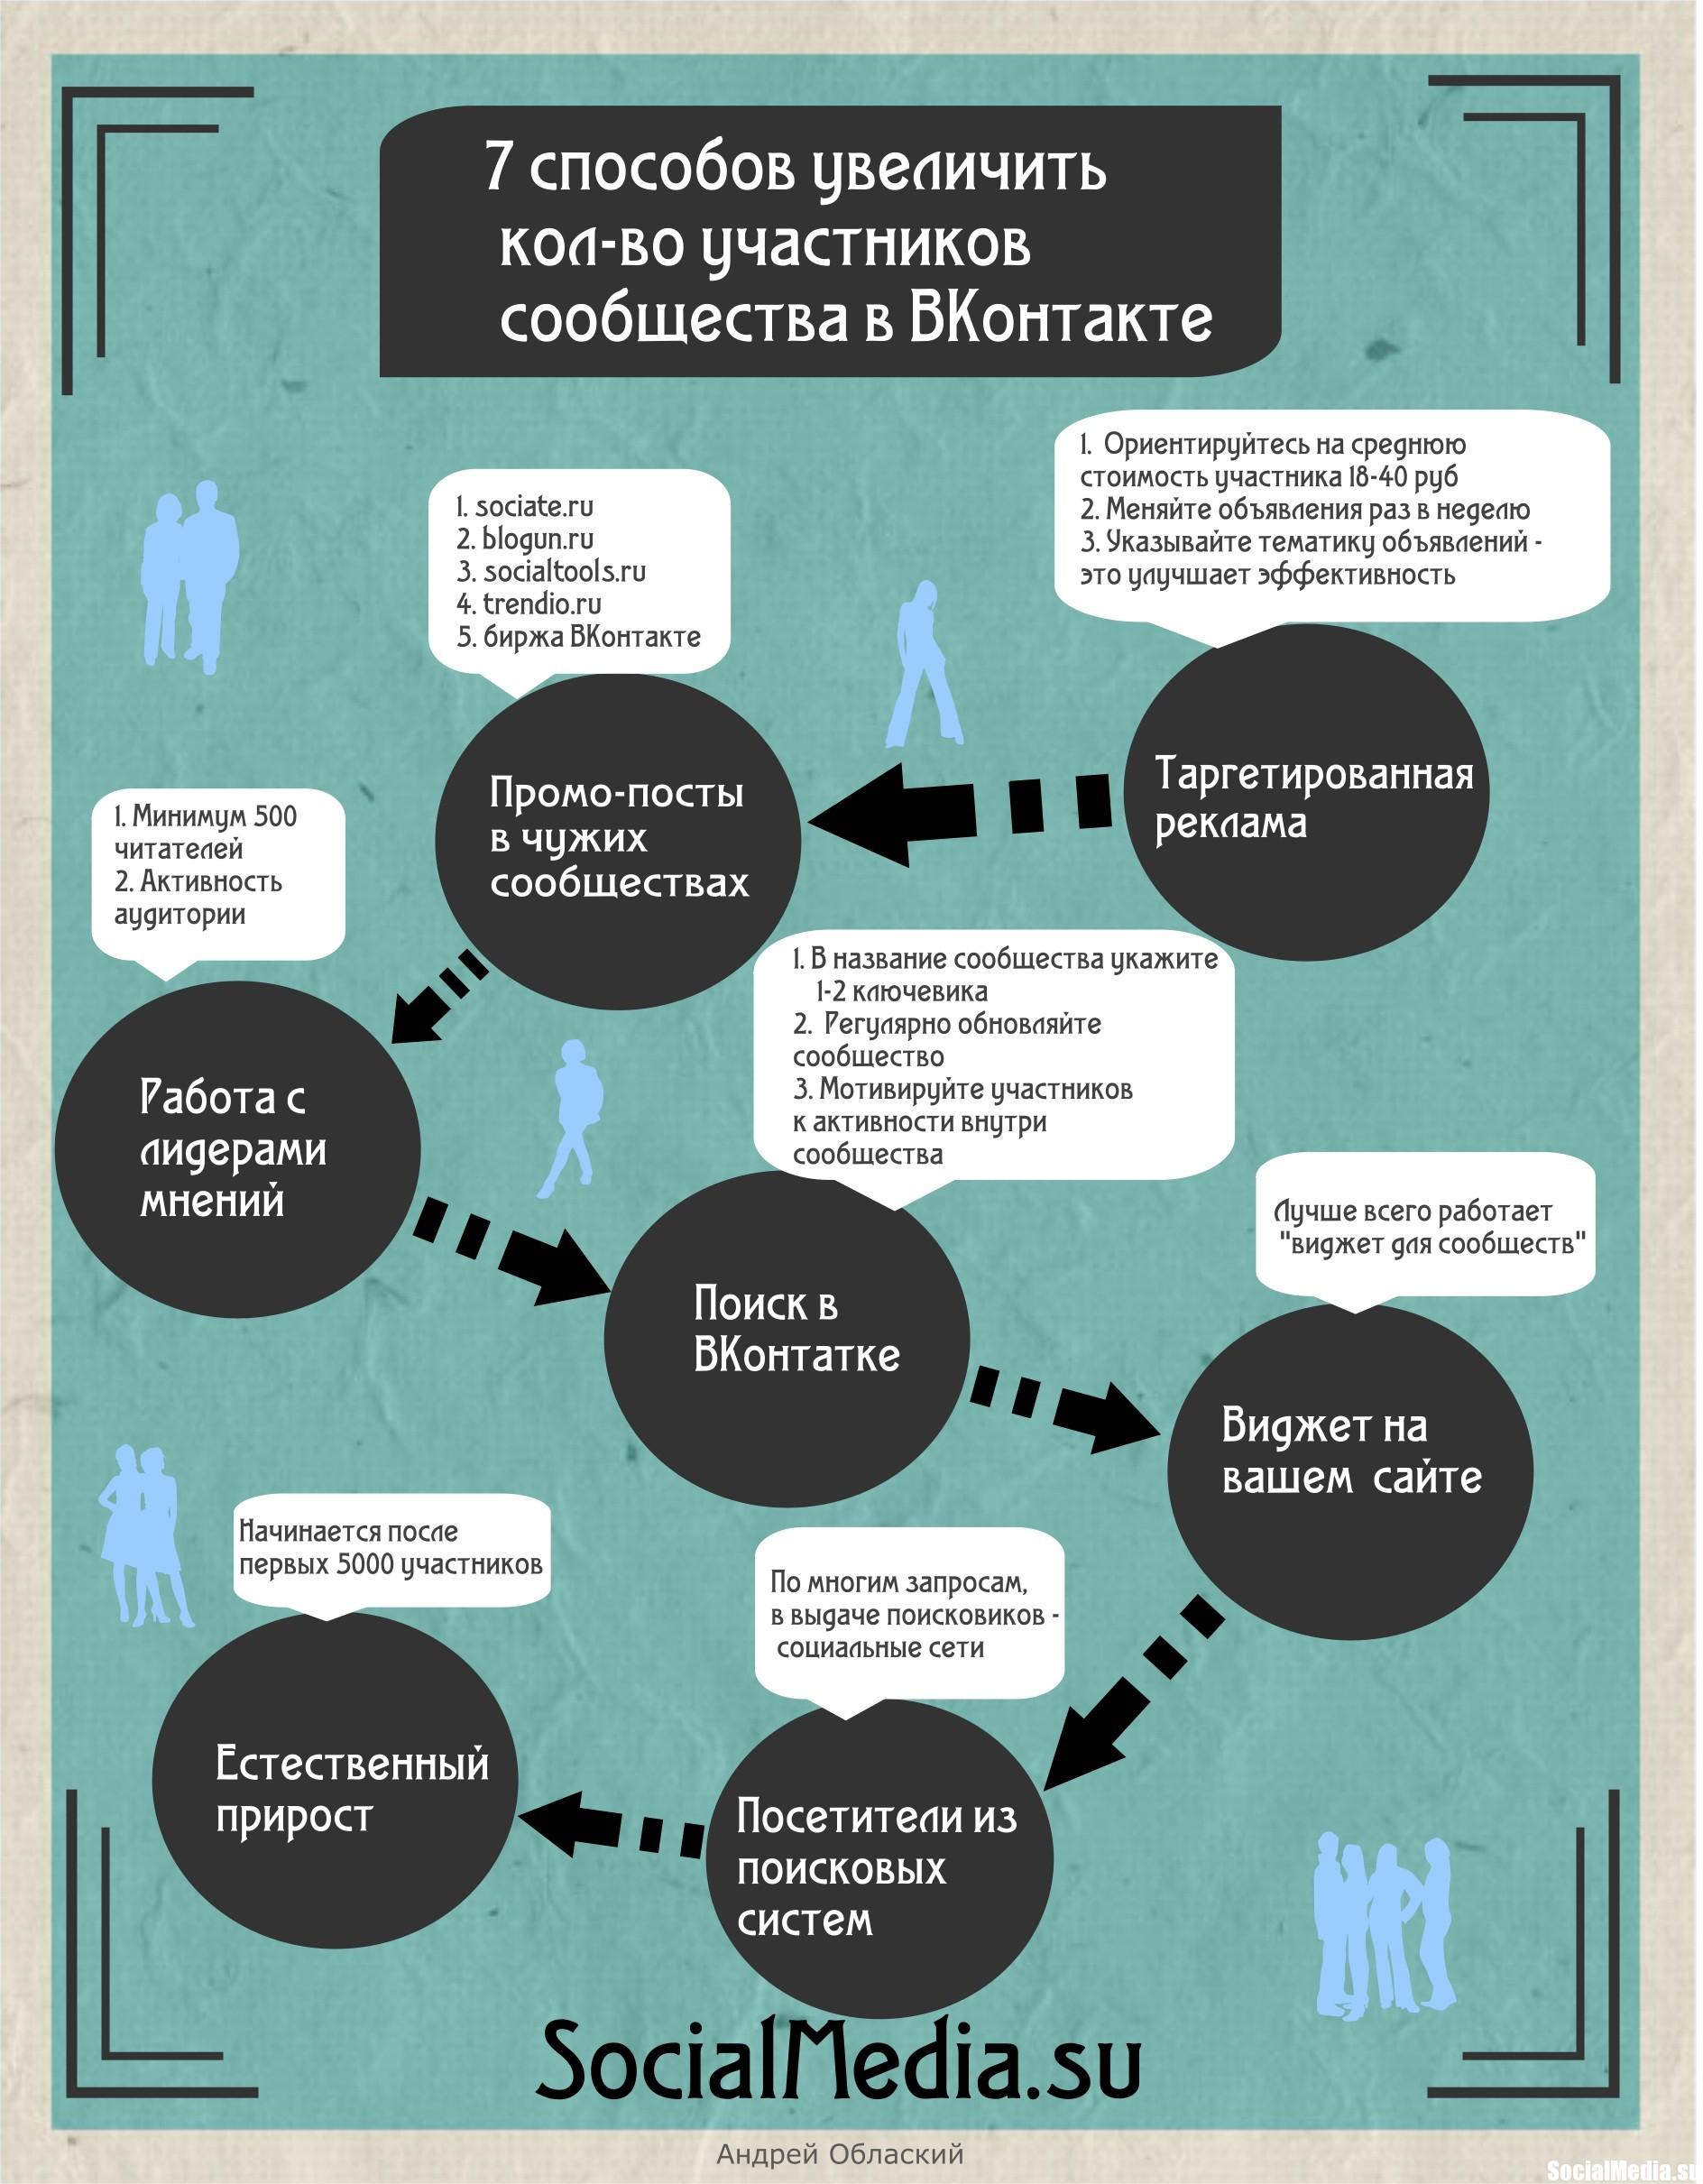 7 способов увеличить кол-во участников сообщества в ВКонтакте